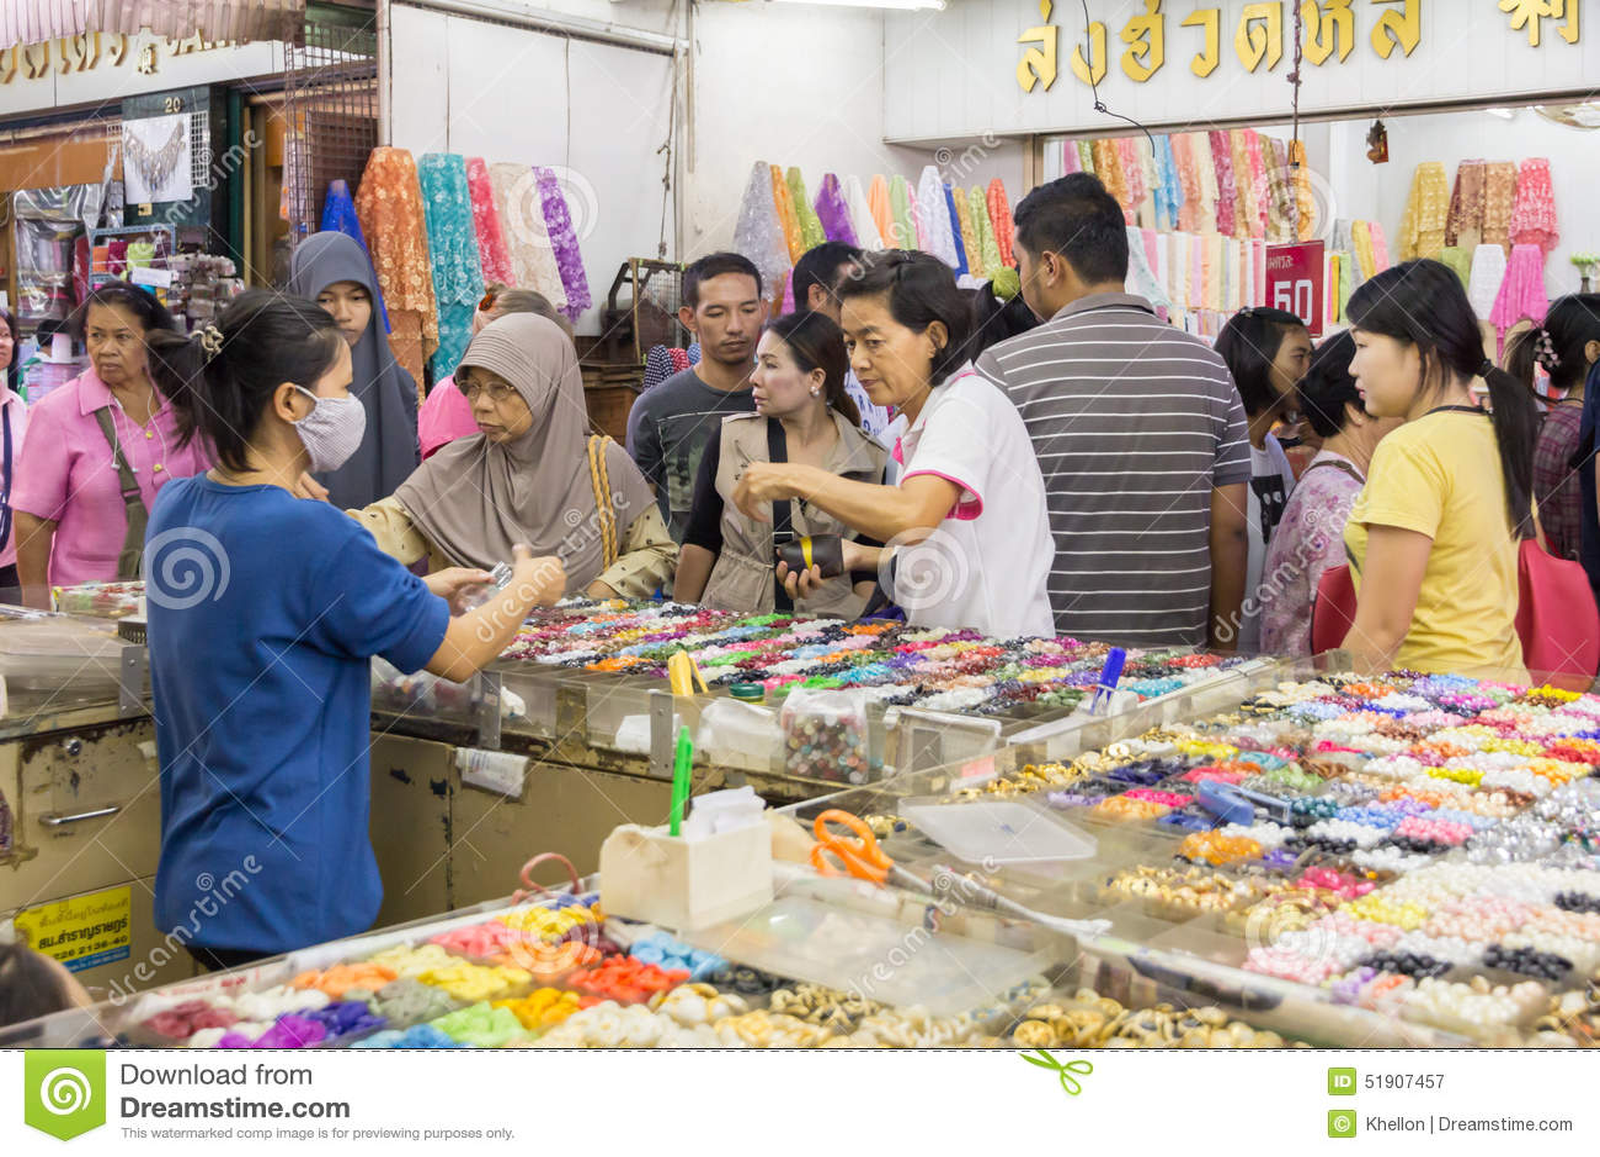 Shopping In Sampeng Lane Editorial Photography - Image ...